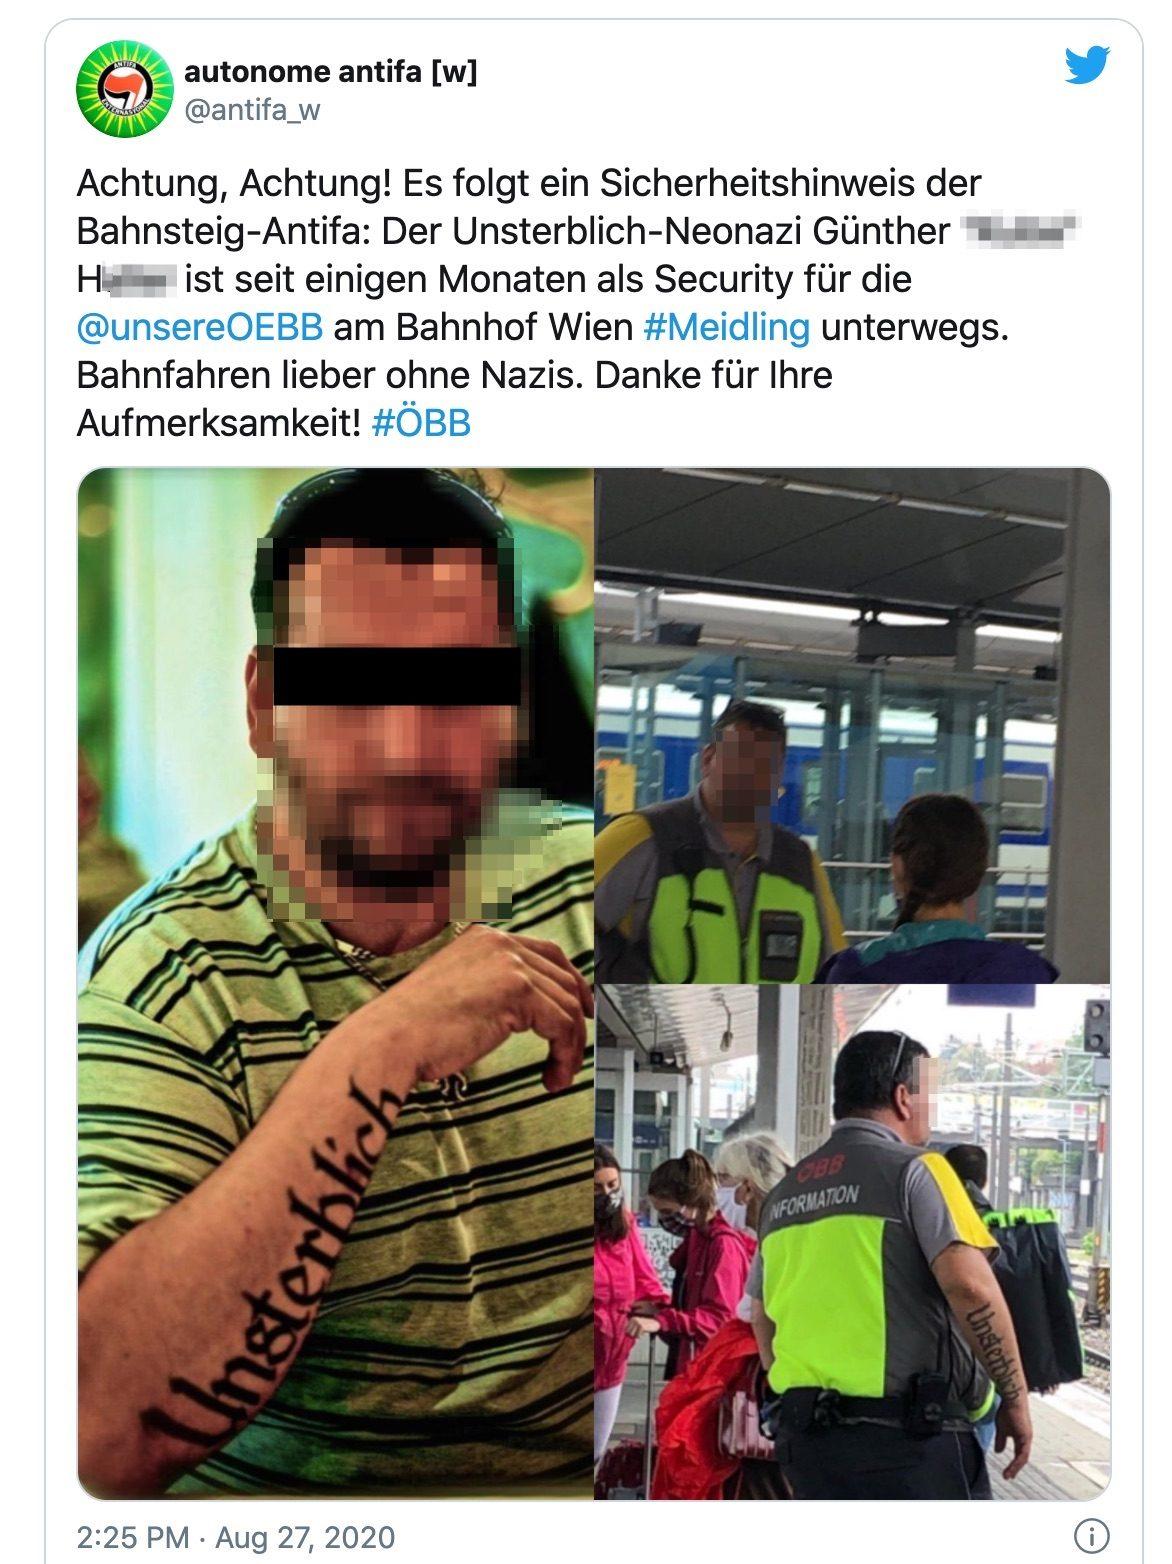 Günt(h)er H. als Security am Bahnhof Meidling (Twitter @antifa_w)